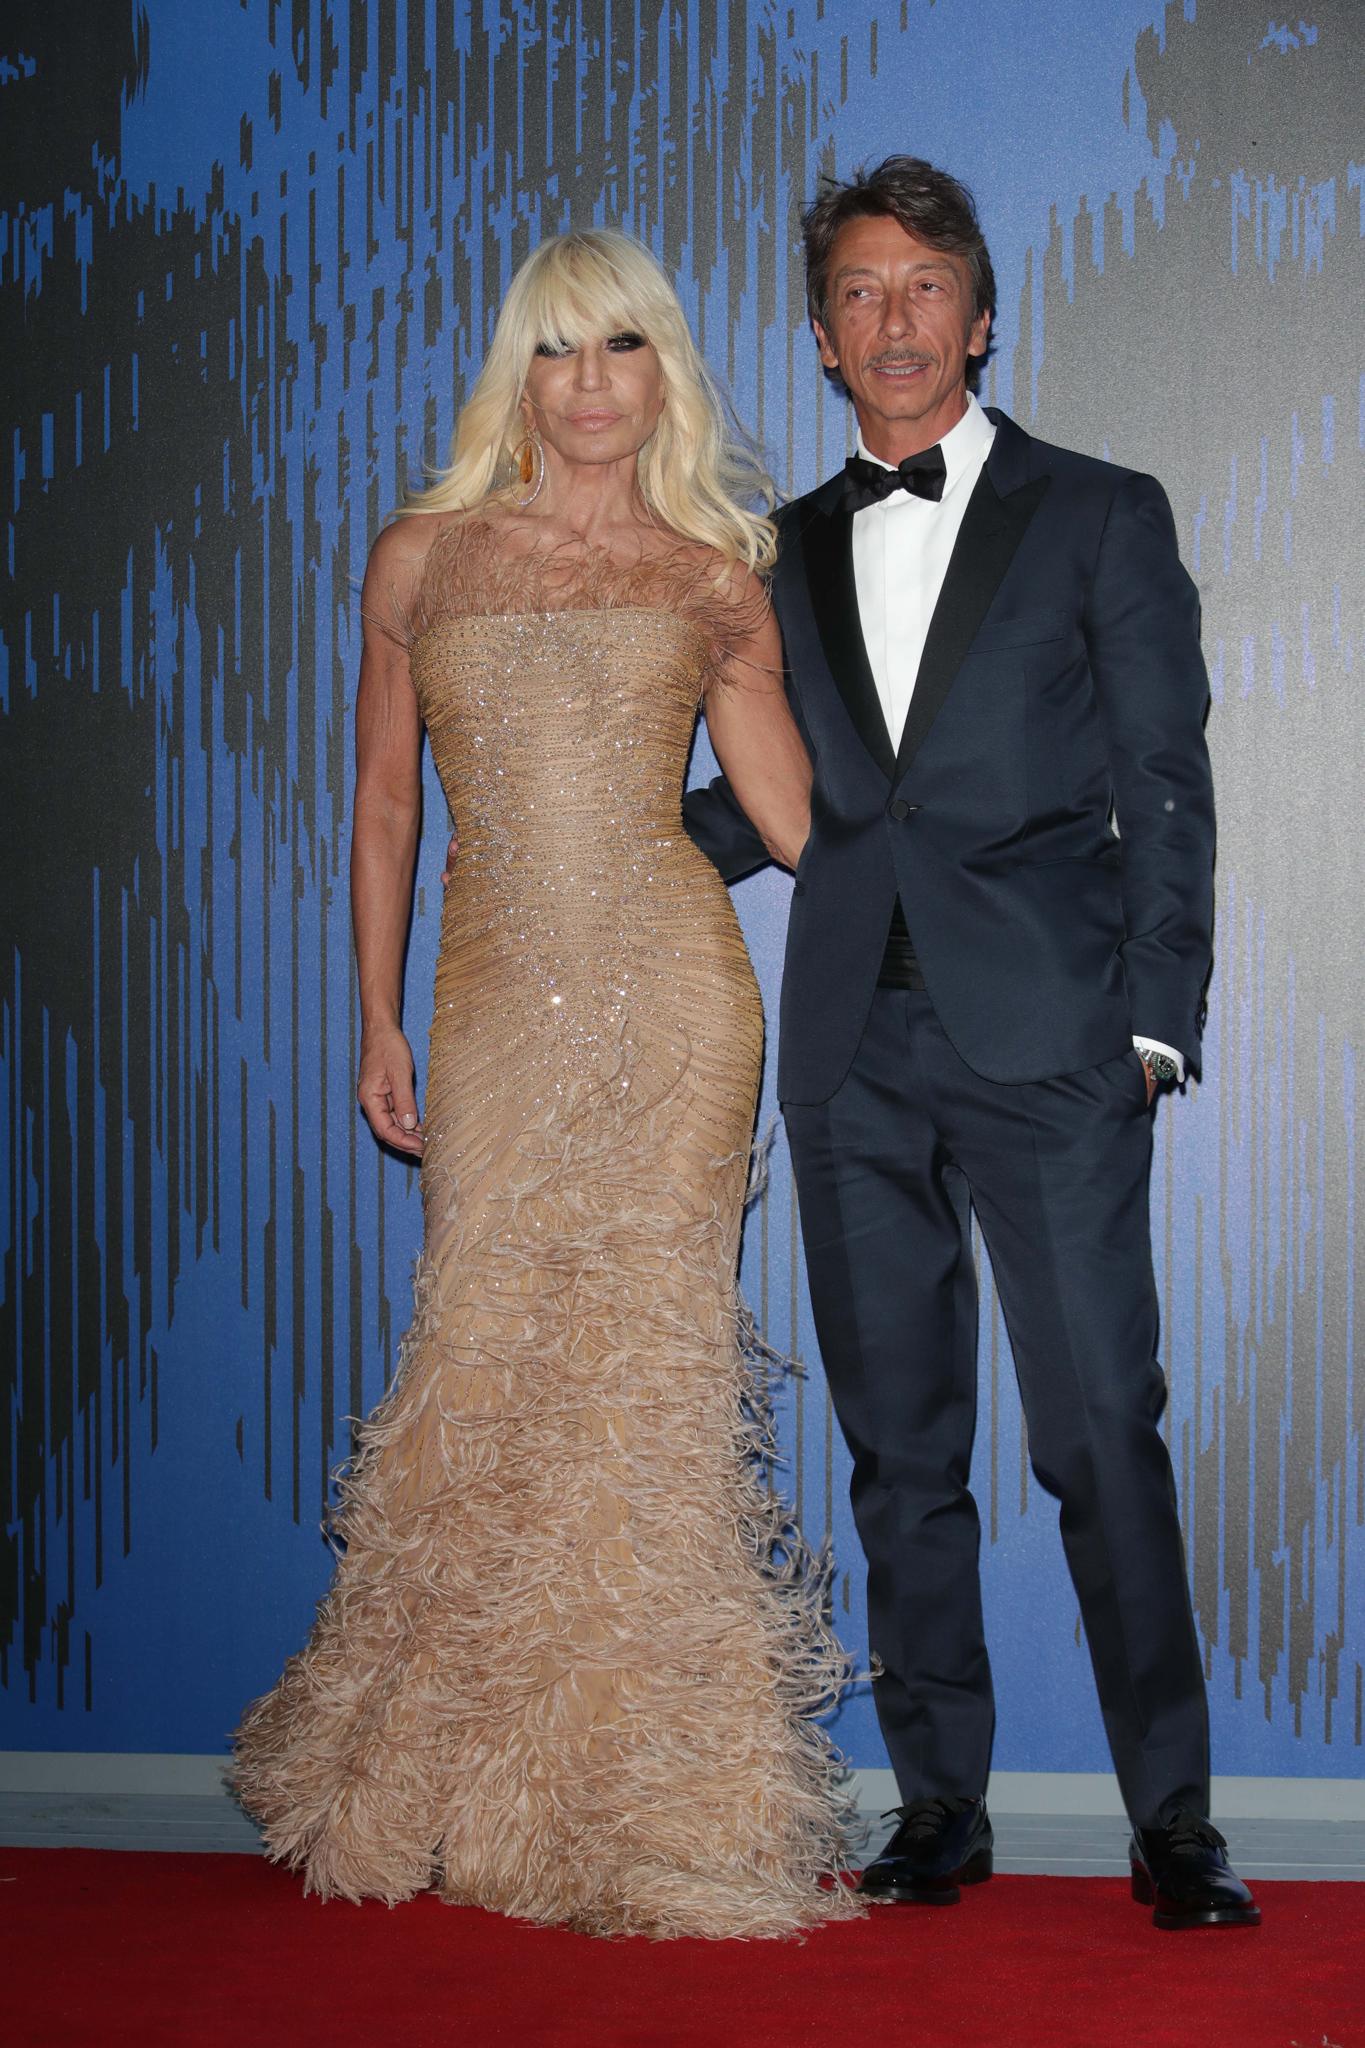 Donatella Versace, Pierpaolo PiccioliThe Franca Sozzani Award, 74th Venice Film Festival, Venice, Italy - 01 Sep 2017